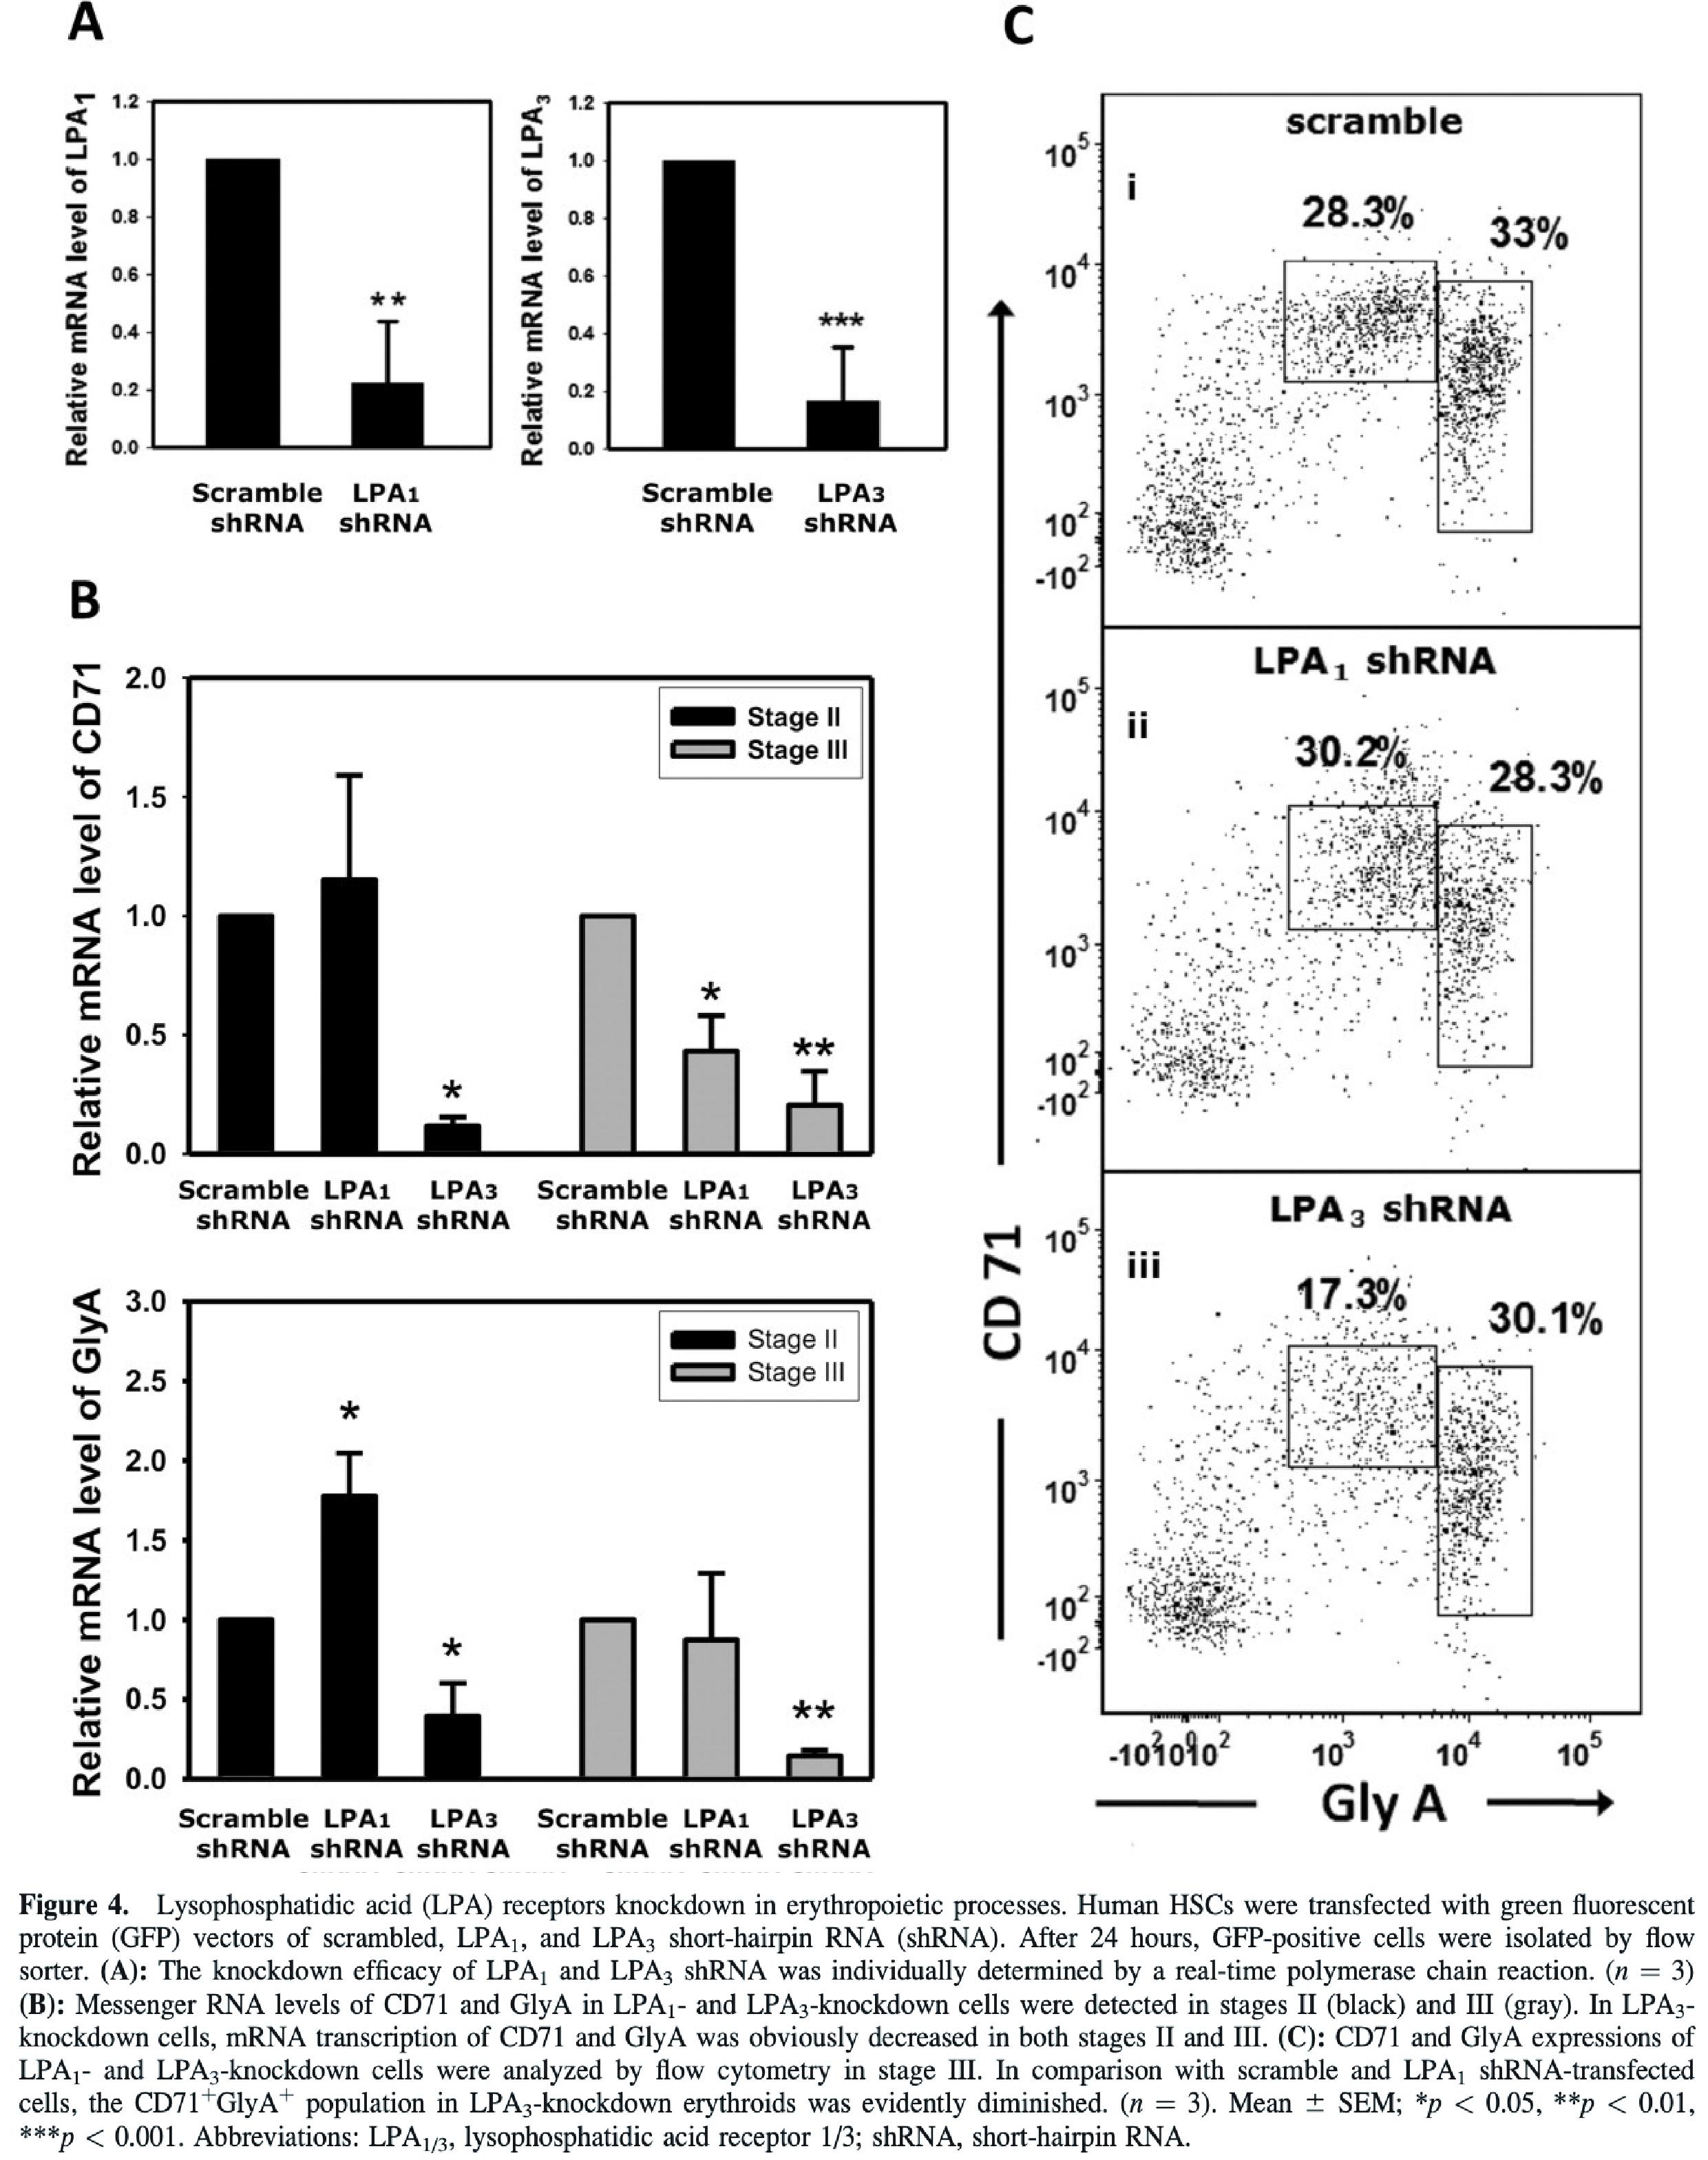 水解磷酸脂(LPA)受器於紅血球分化的過當中所扮演之角色